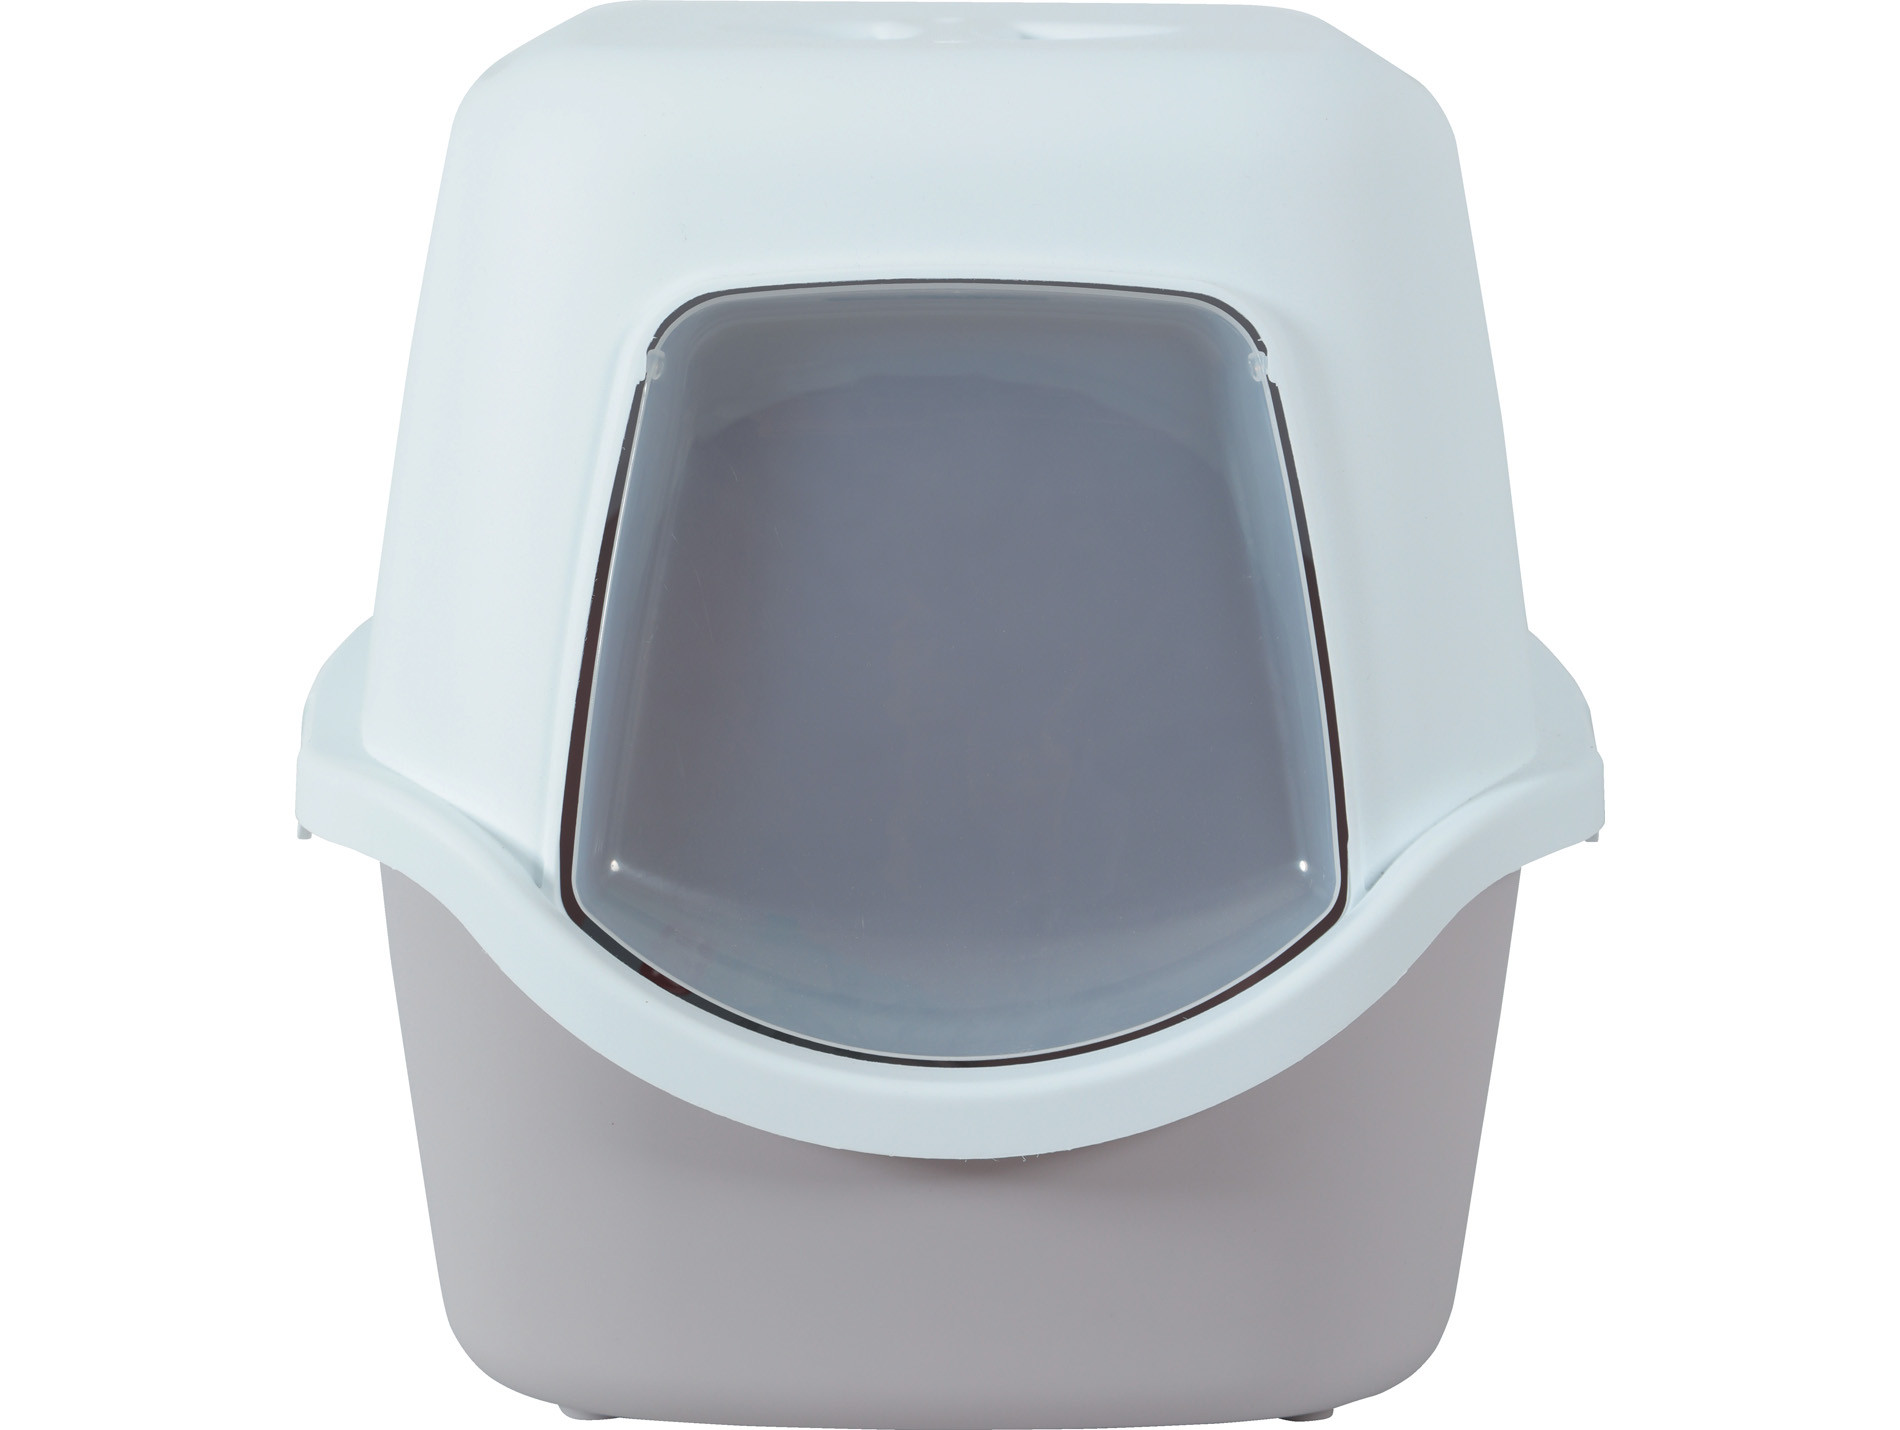 Litière maison de toilette Cathy gris